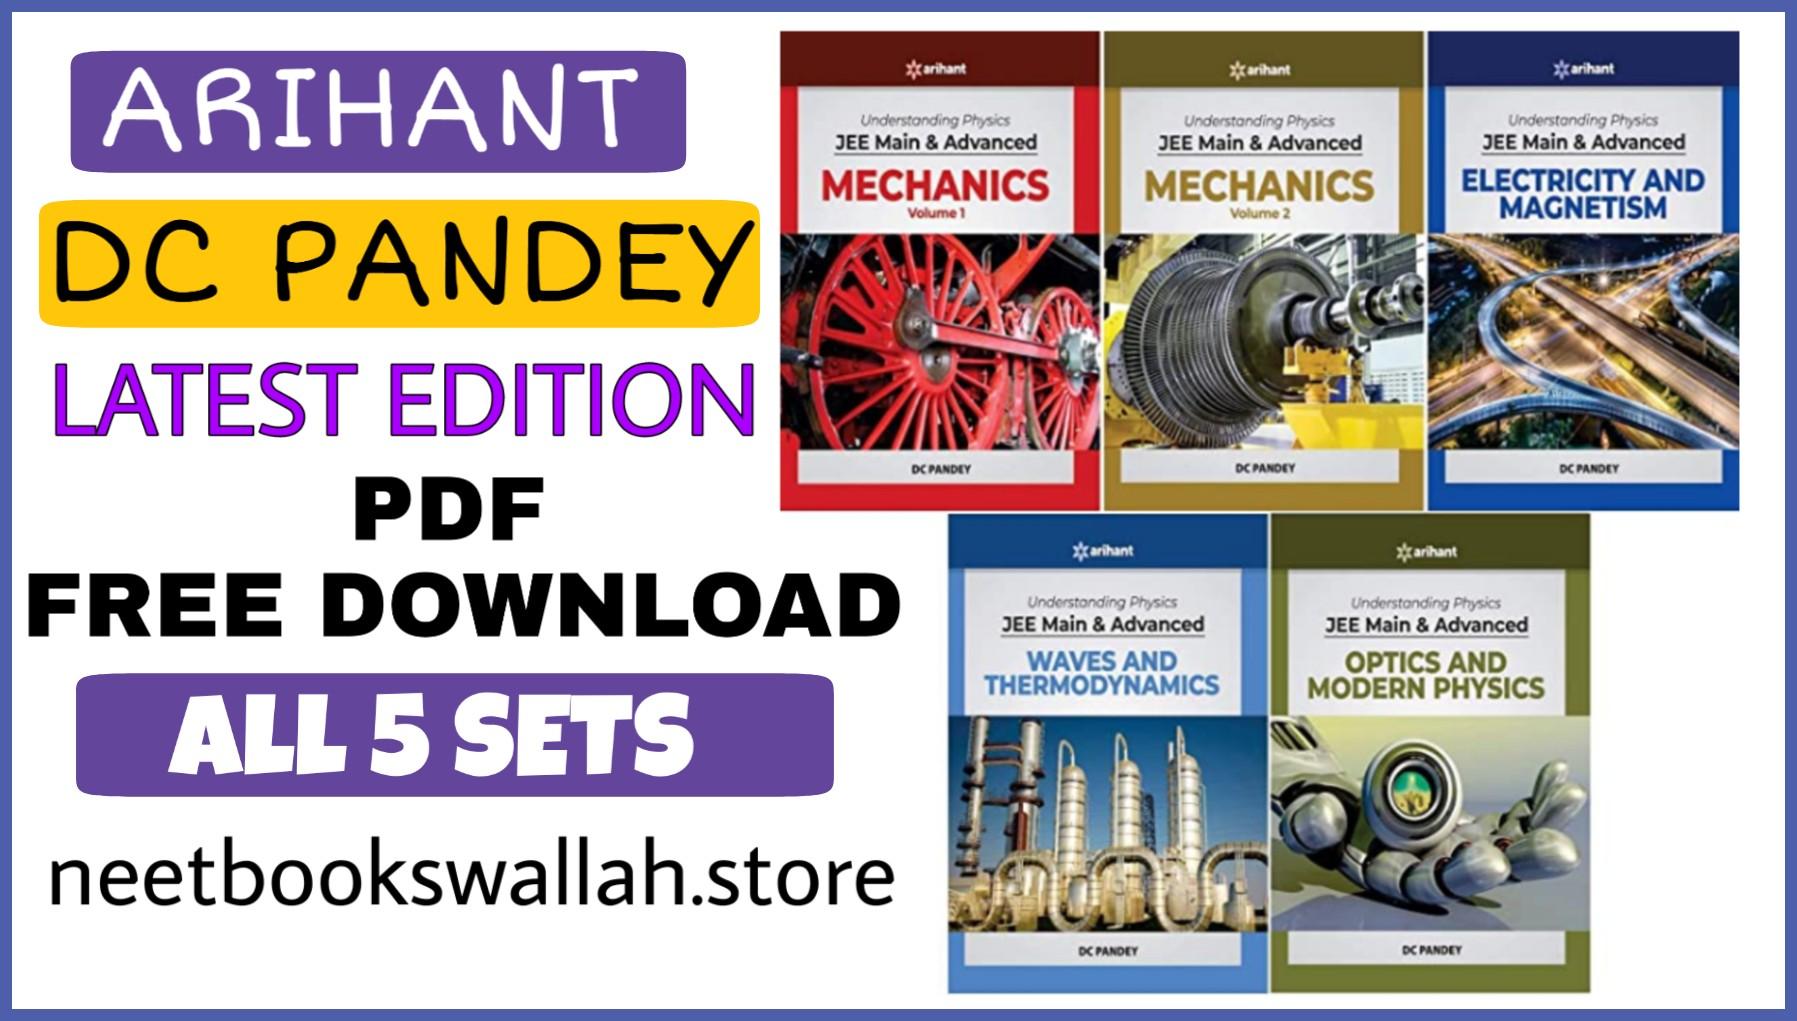 dc pandey physics, pdf download, dc pandey physics pdf, dc pandey pdf, dc pandey solutions, understanding physics by dc pandey pdf,dc pandey latest edition pdf download,neet books wallah